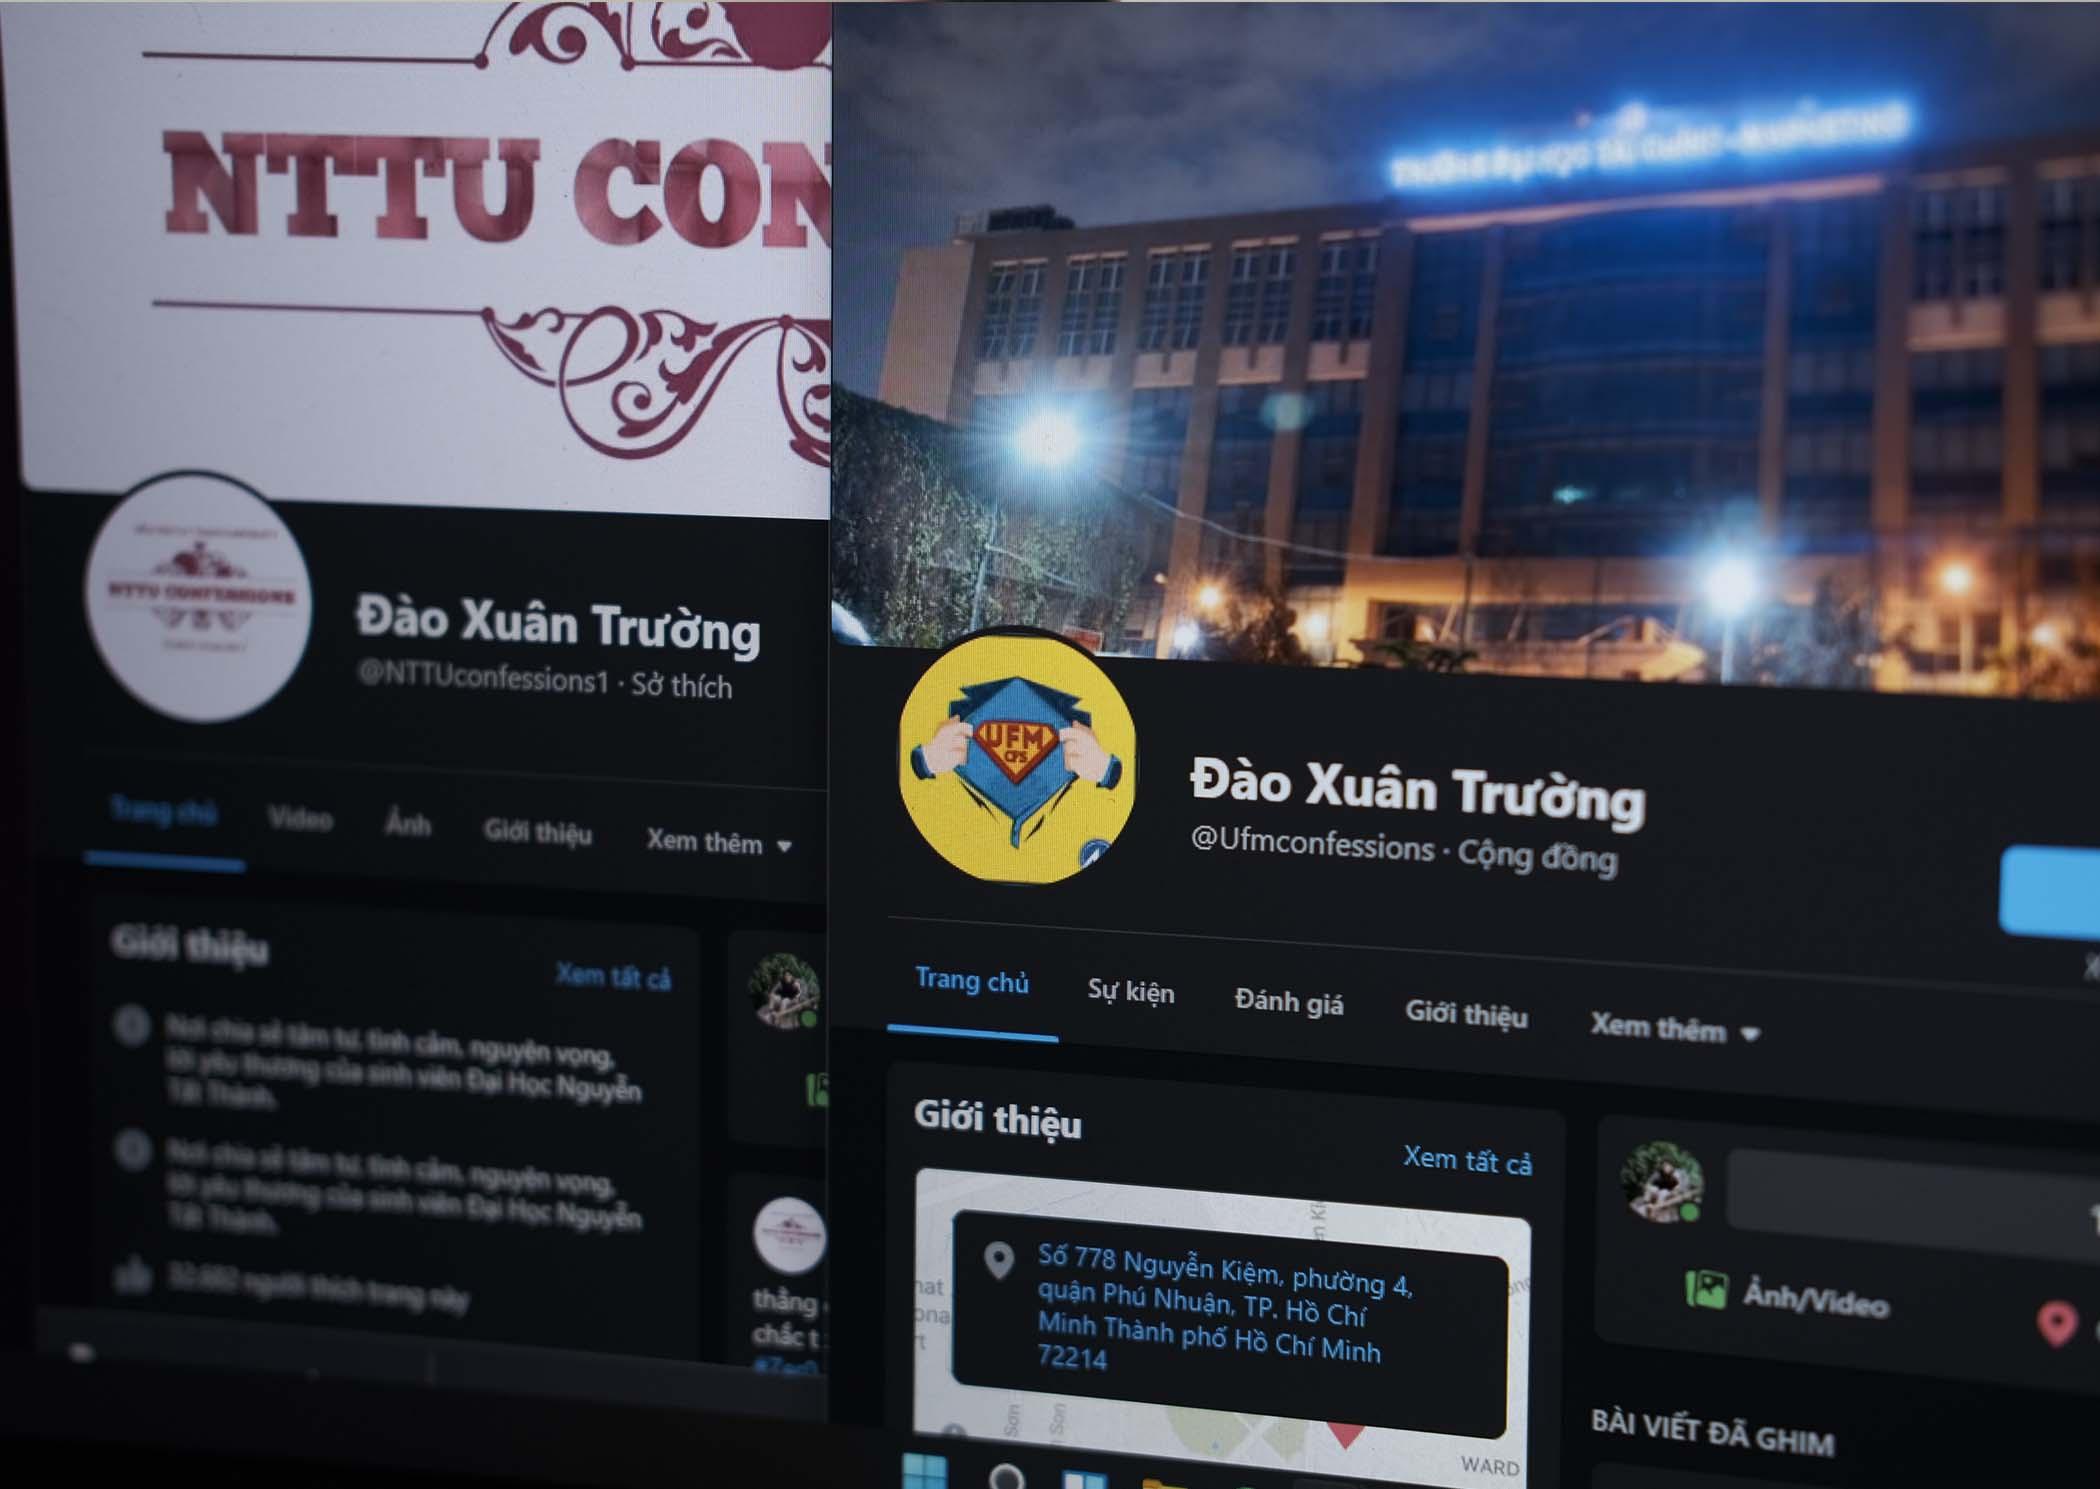 Hàng loạt fanpage trường đại học bị đổi tên thành 'Đào Xuân Trường'